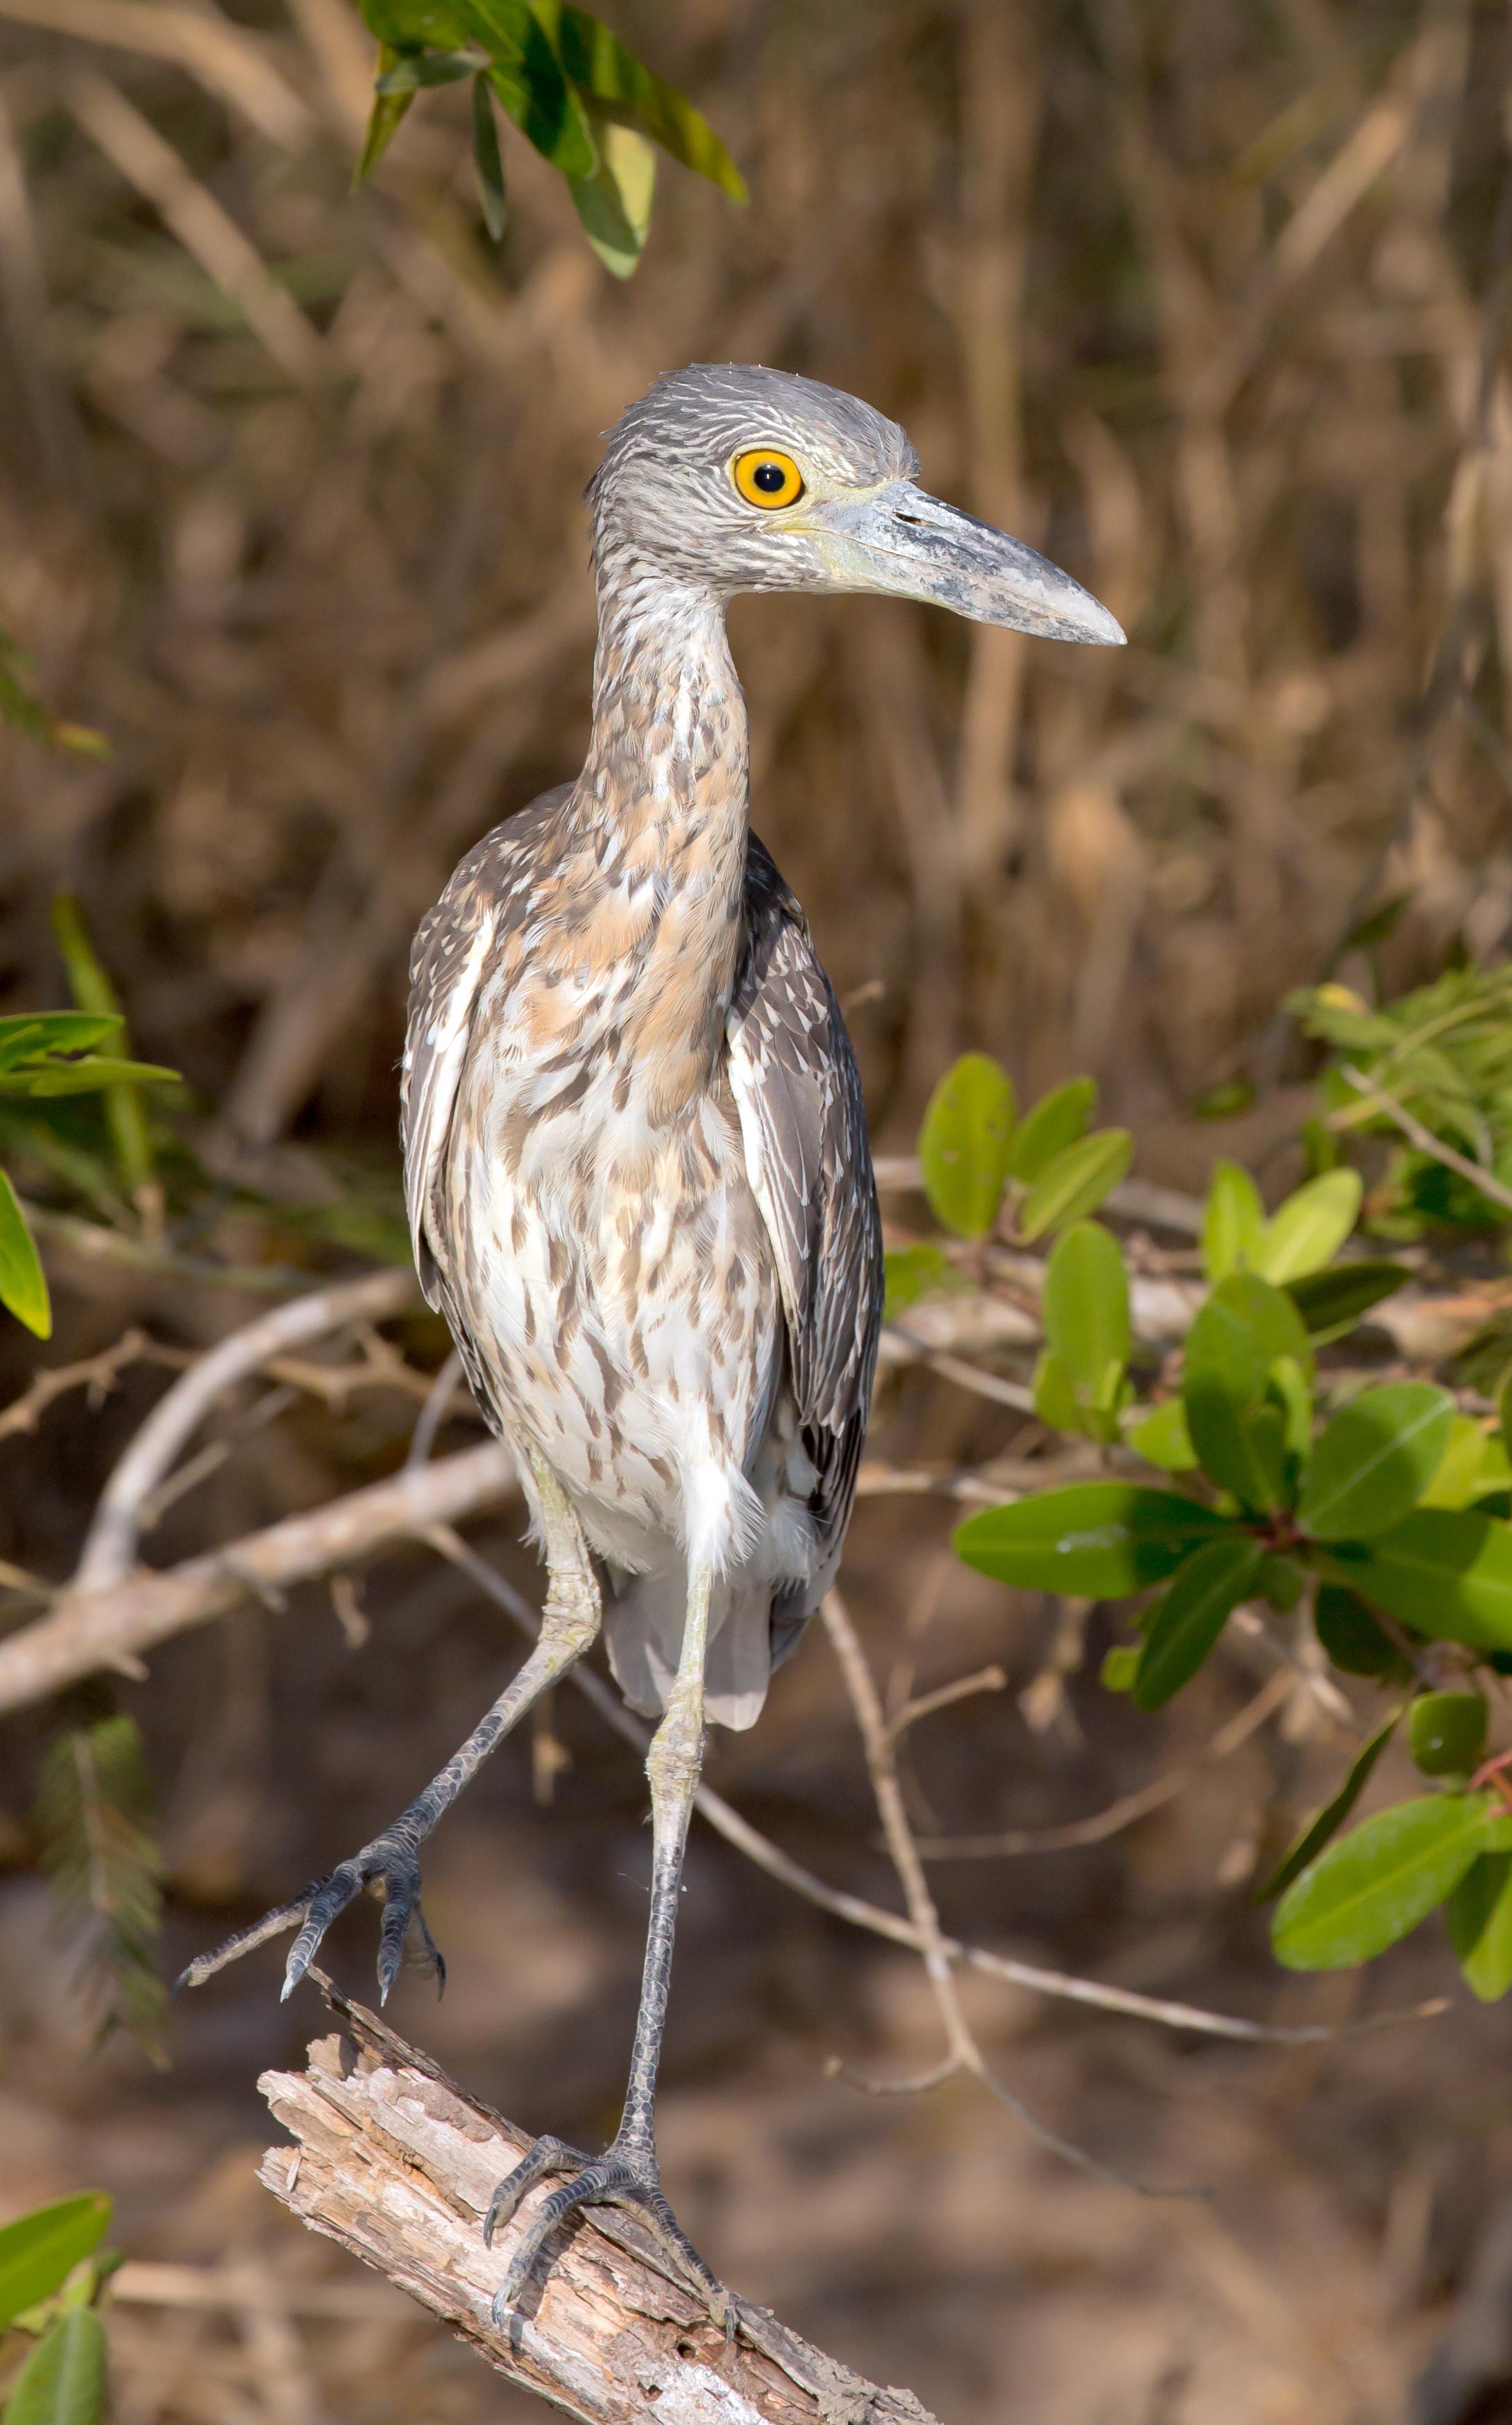 BI-Mexican heron 3097-1